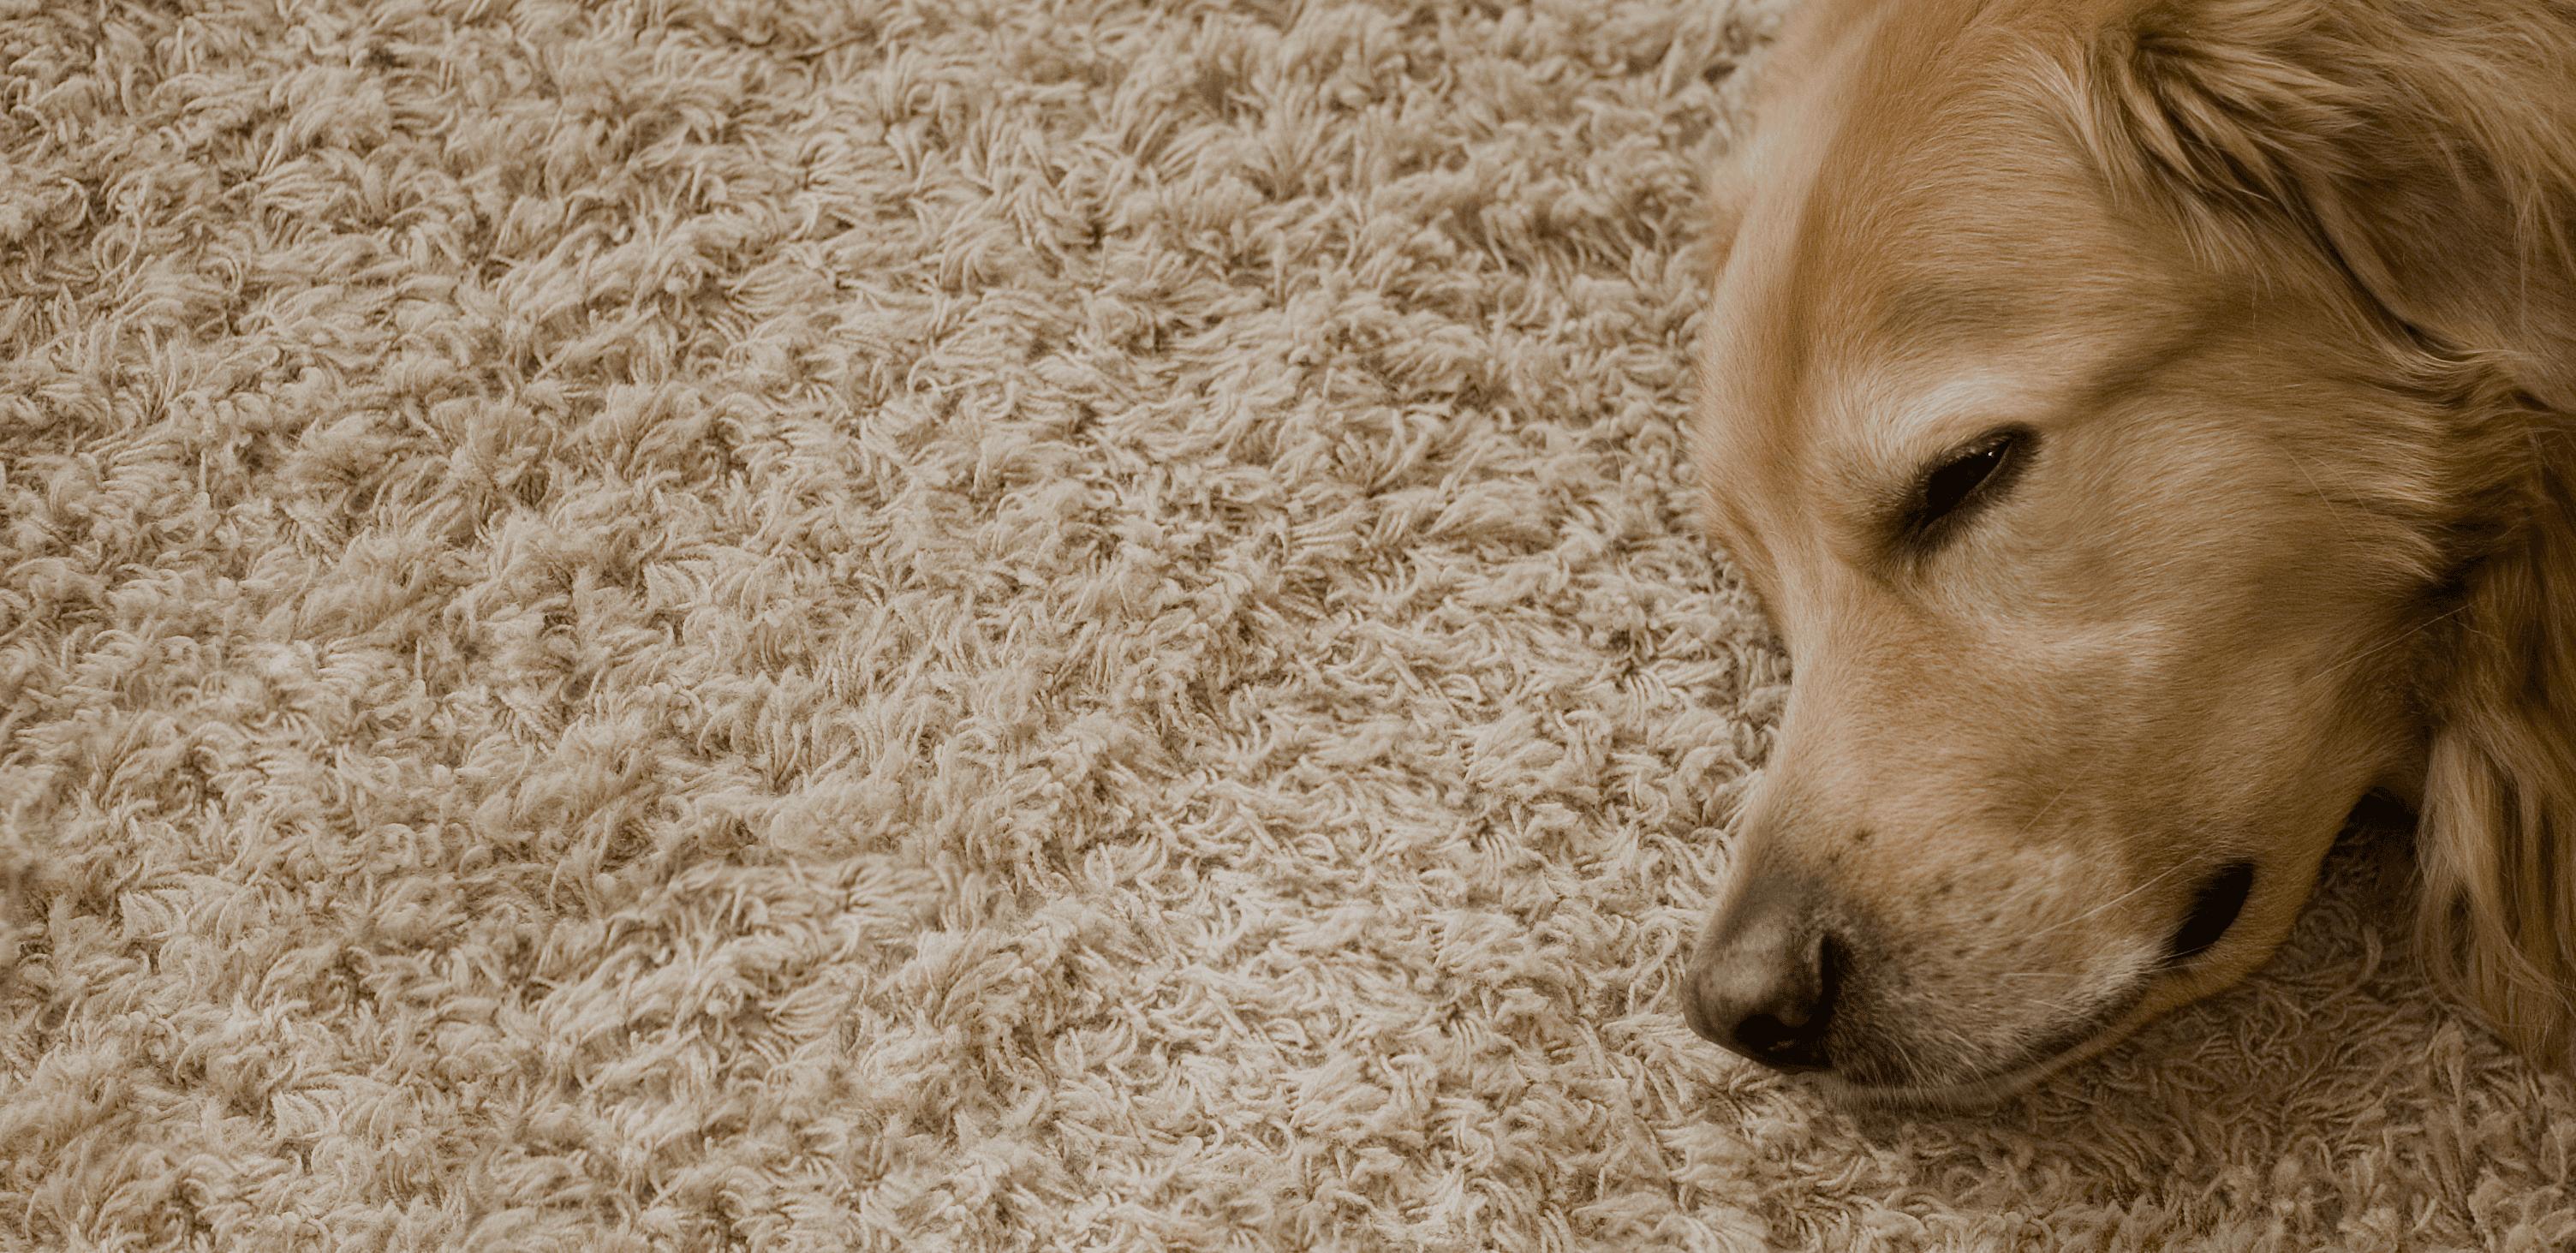 Carpet Cleaner, Goldsboro, NC